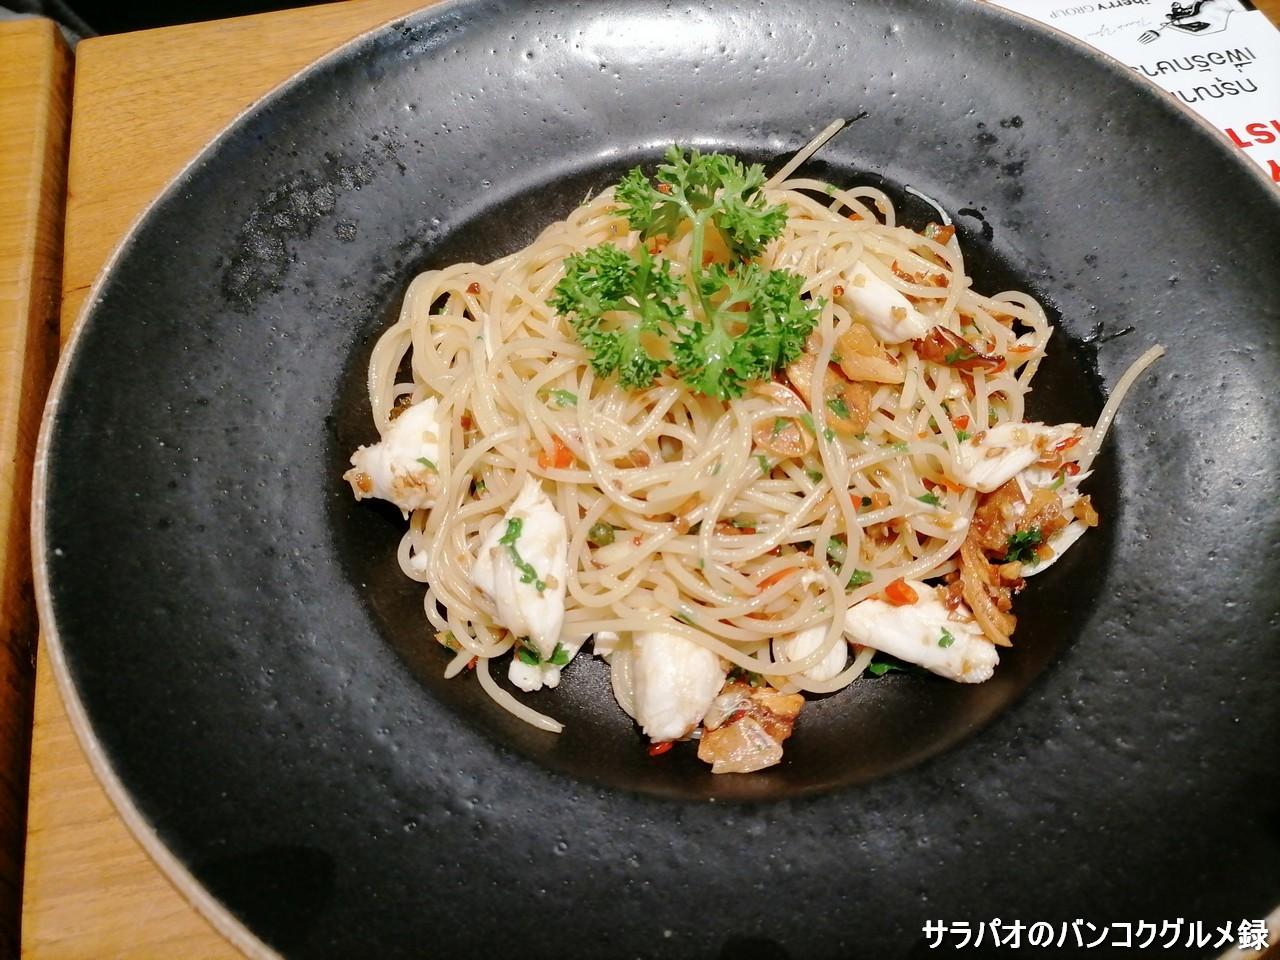 ガップ・カオ・ガップ・プラーは洋食もカバーする高級タイ料理店 in ターミナル21